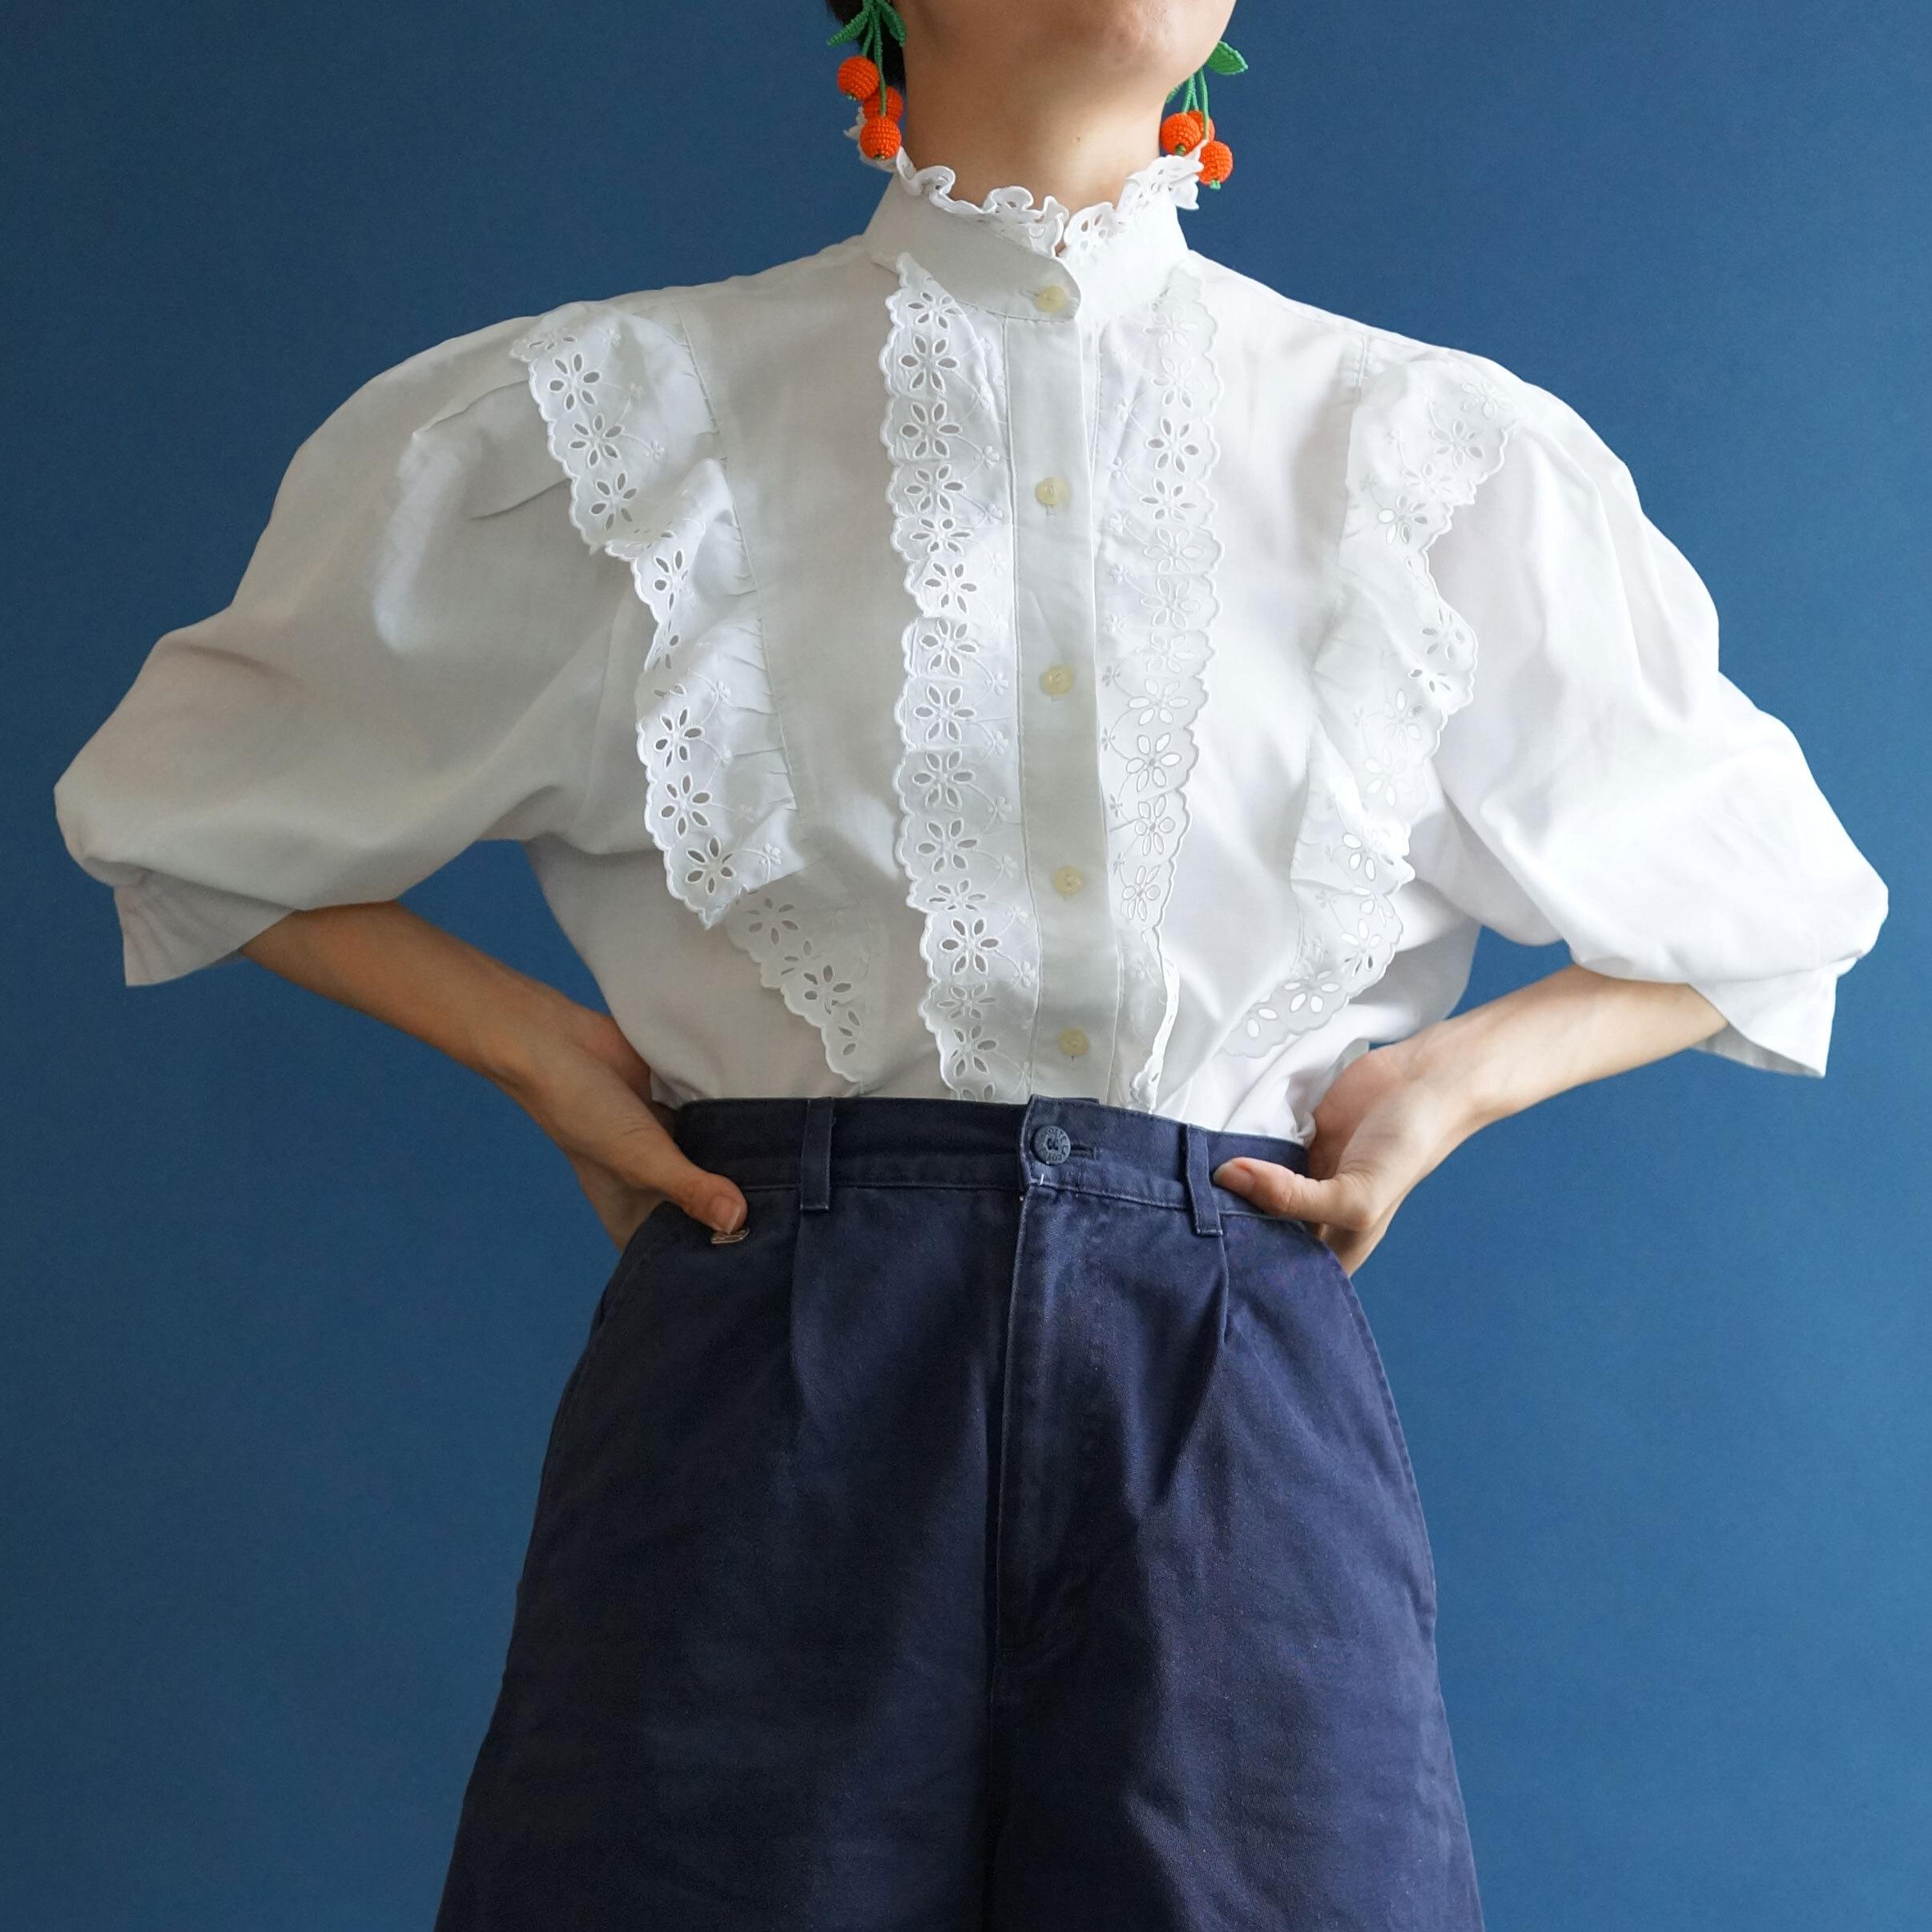 【送料無料】70's-80's Vintage cotton frilly short blouse